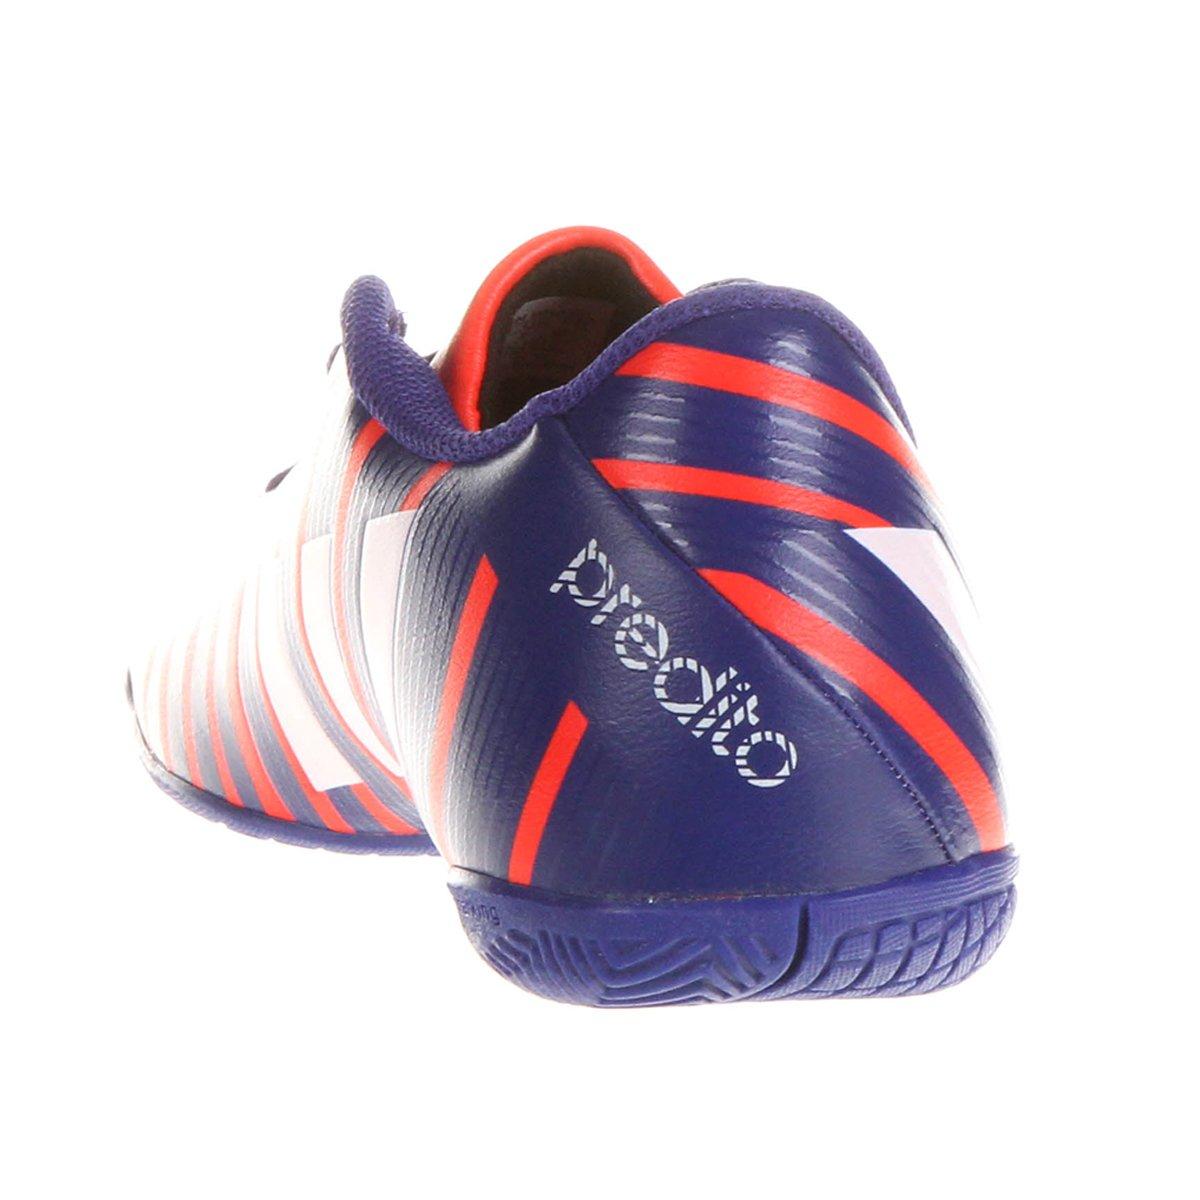 Chuteira Adidas Predito Instinct IN Futsal - Compre Agora  6f55a7915fa9e